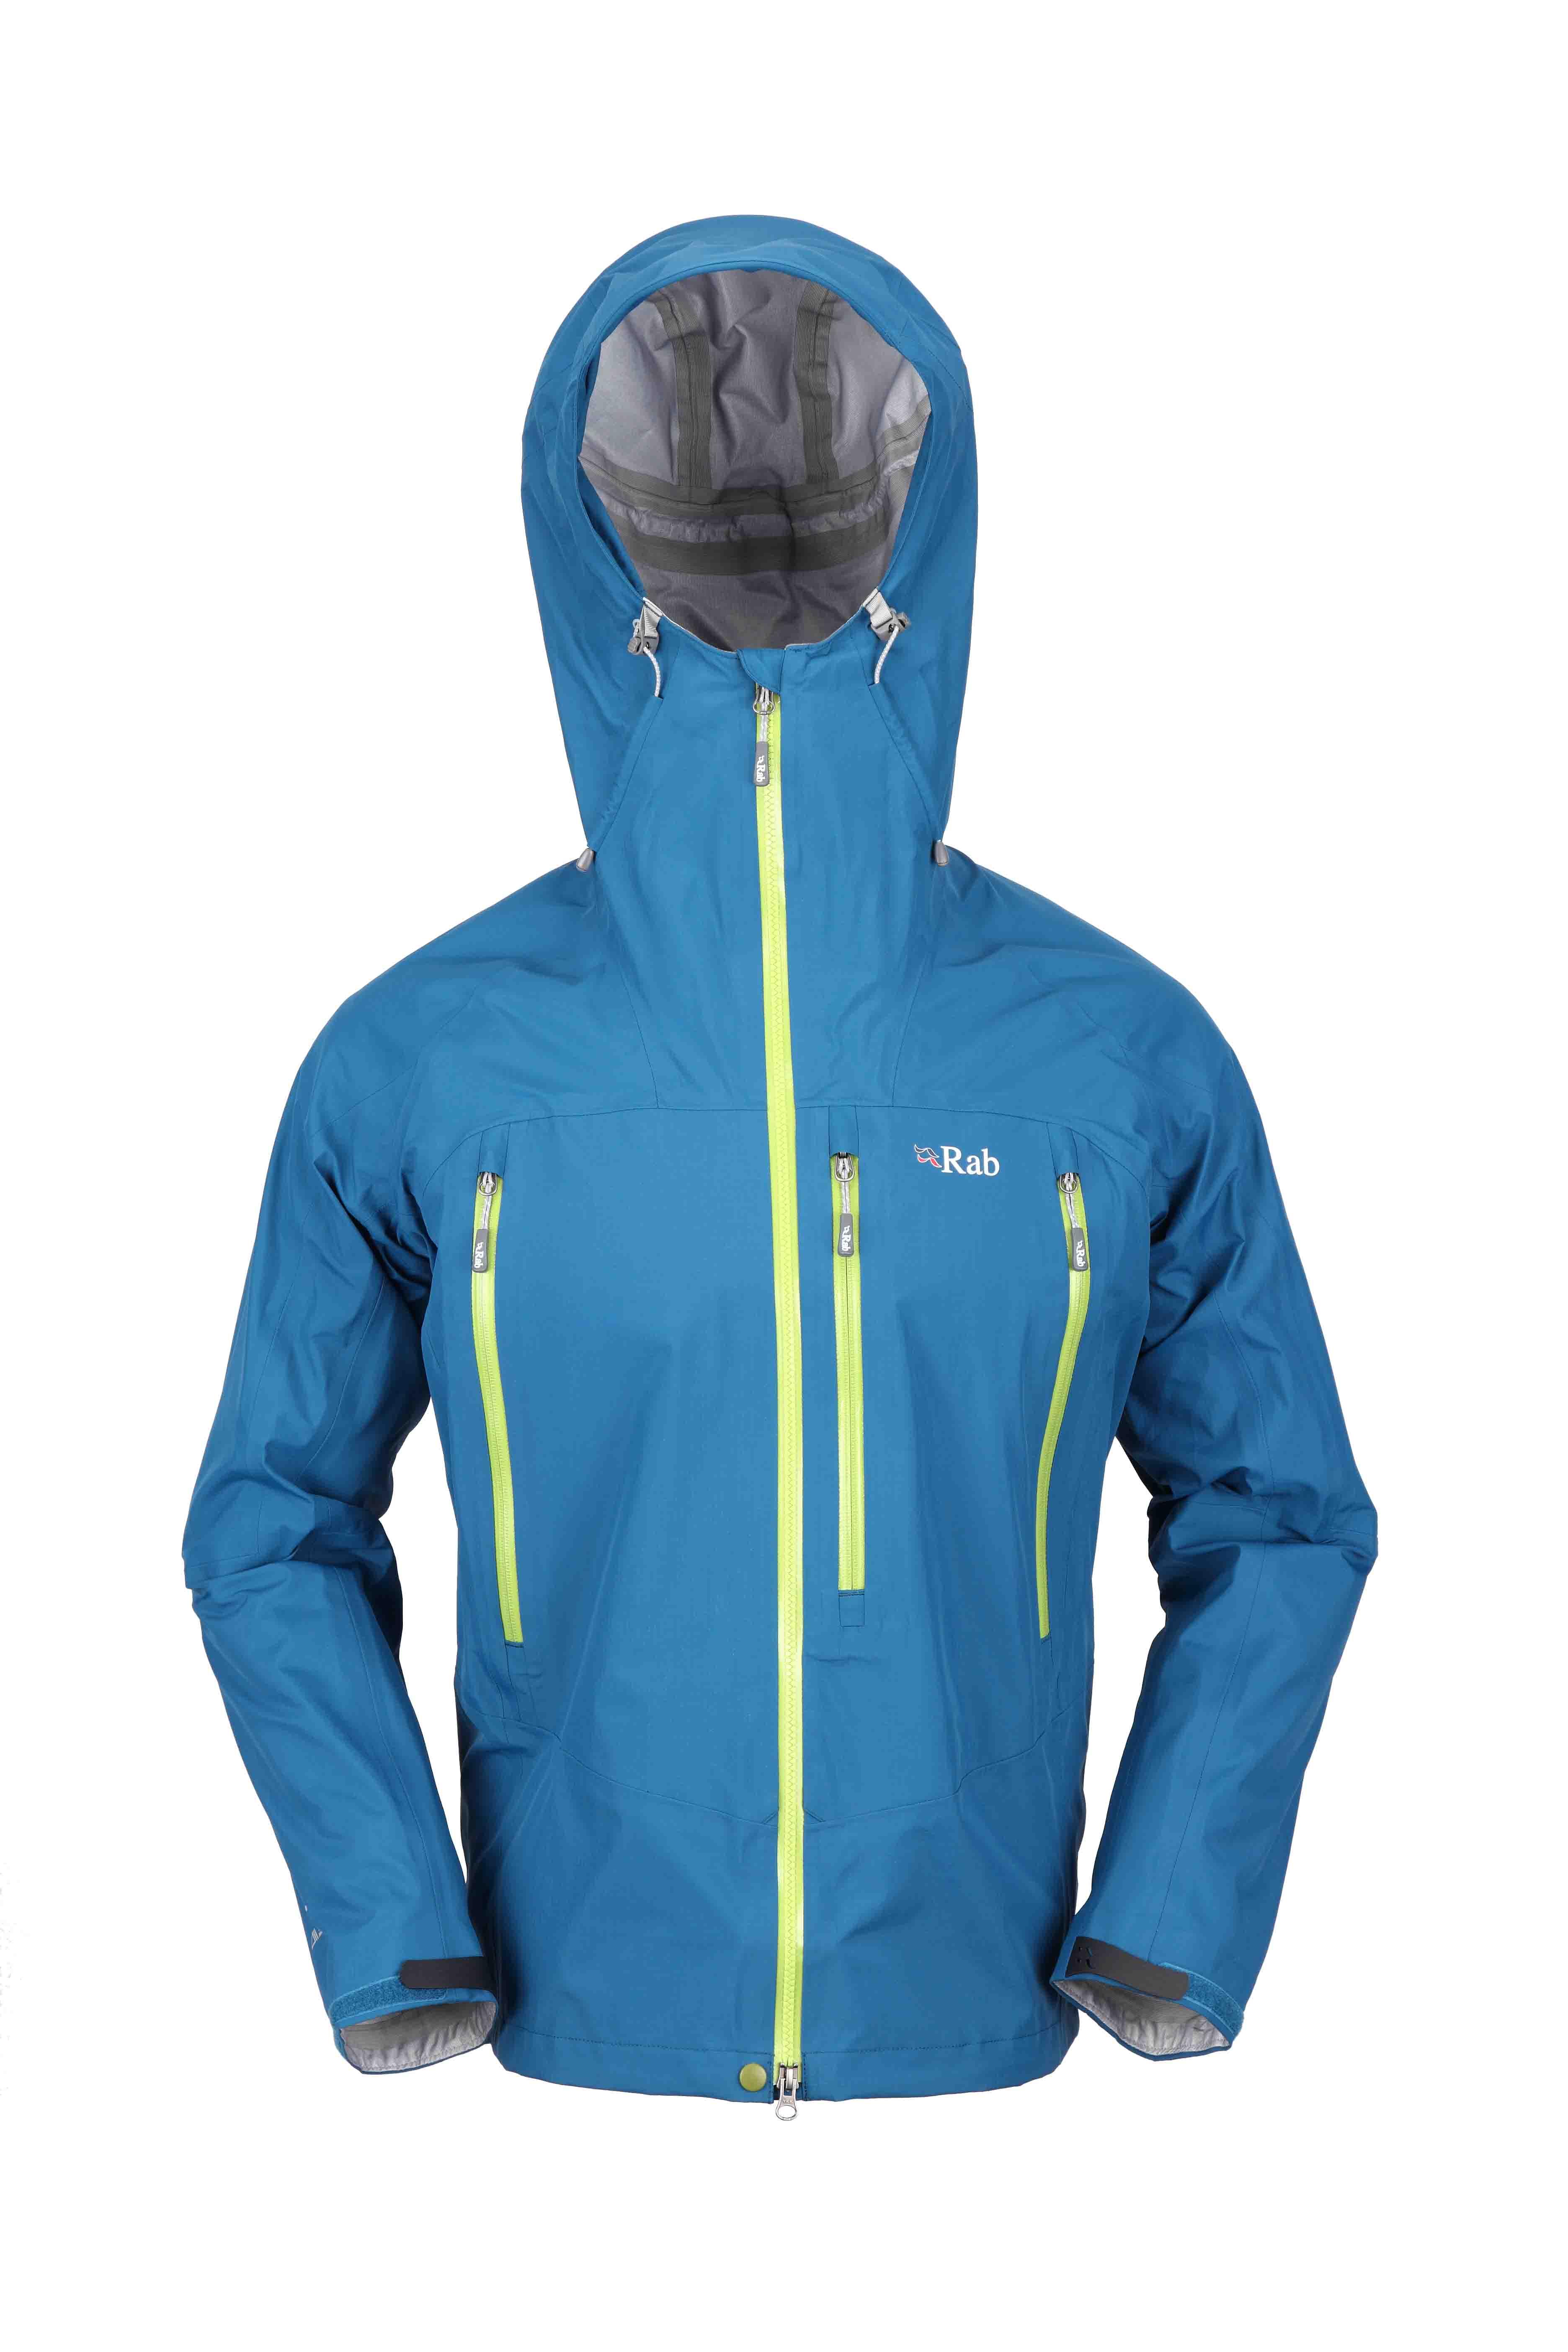 Rab Nexus Jacket with Polartecr NeoShellr